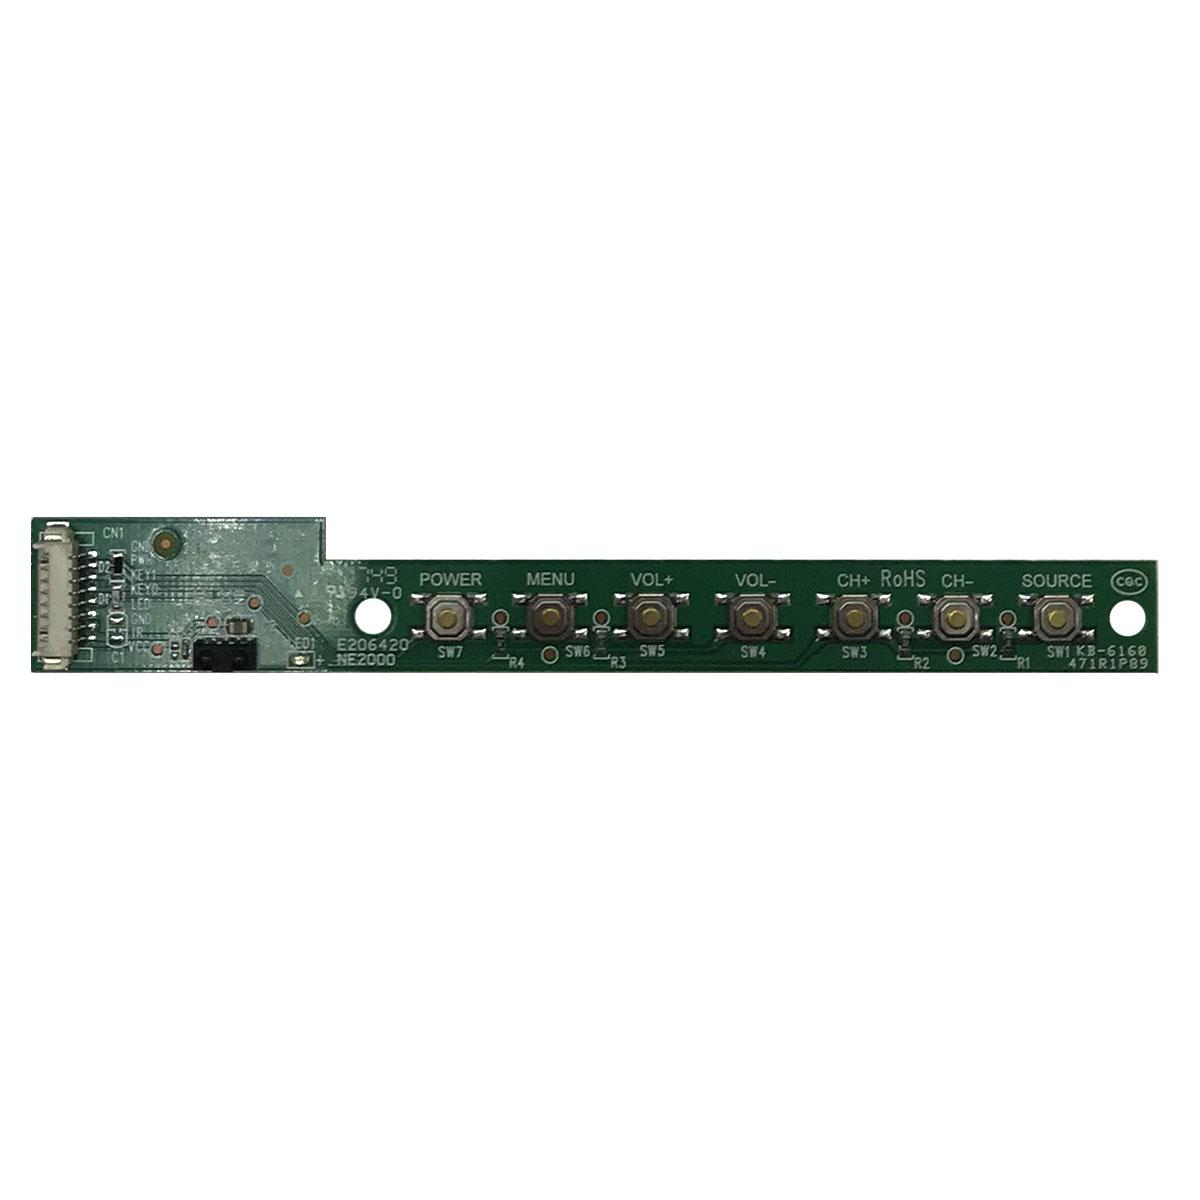 ИК-датчик + панель кнопок 4713-5500C1-A2123K01 для Daewoo U43V870VKE